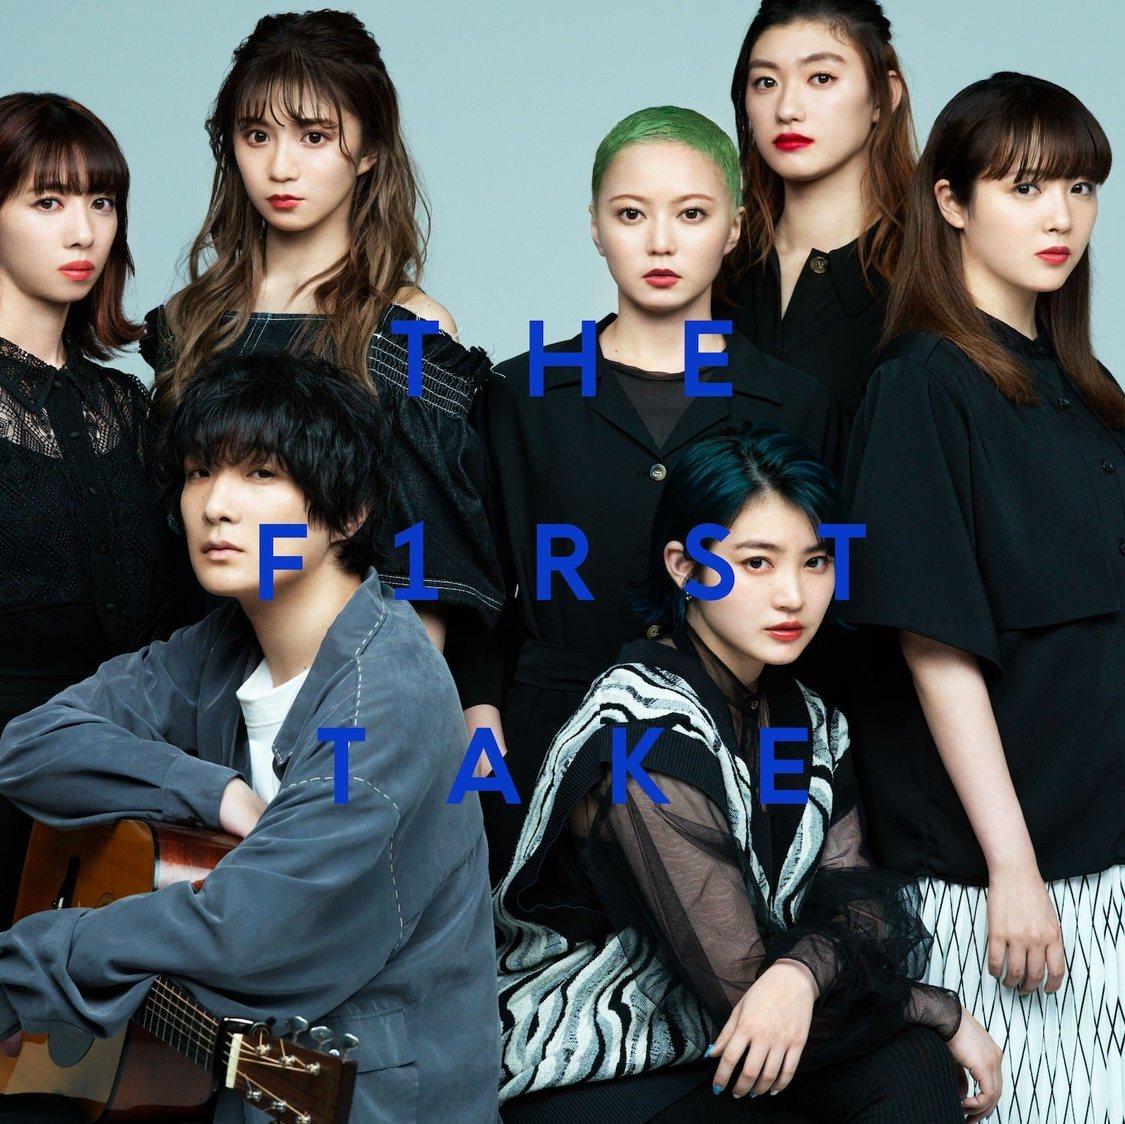 エビ中、「ジャンプ - From THE FIRST TAKE」&「playlist」全曲インスト配信決定!